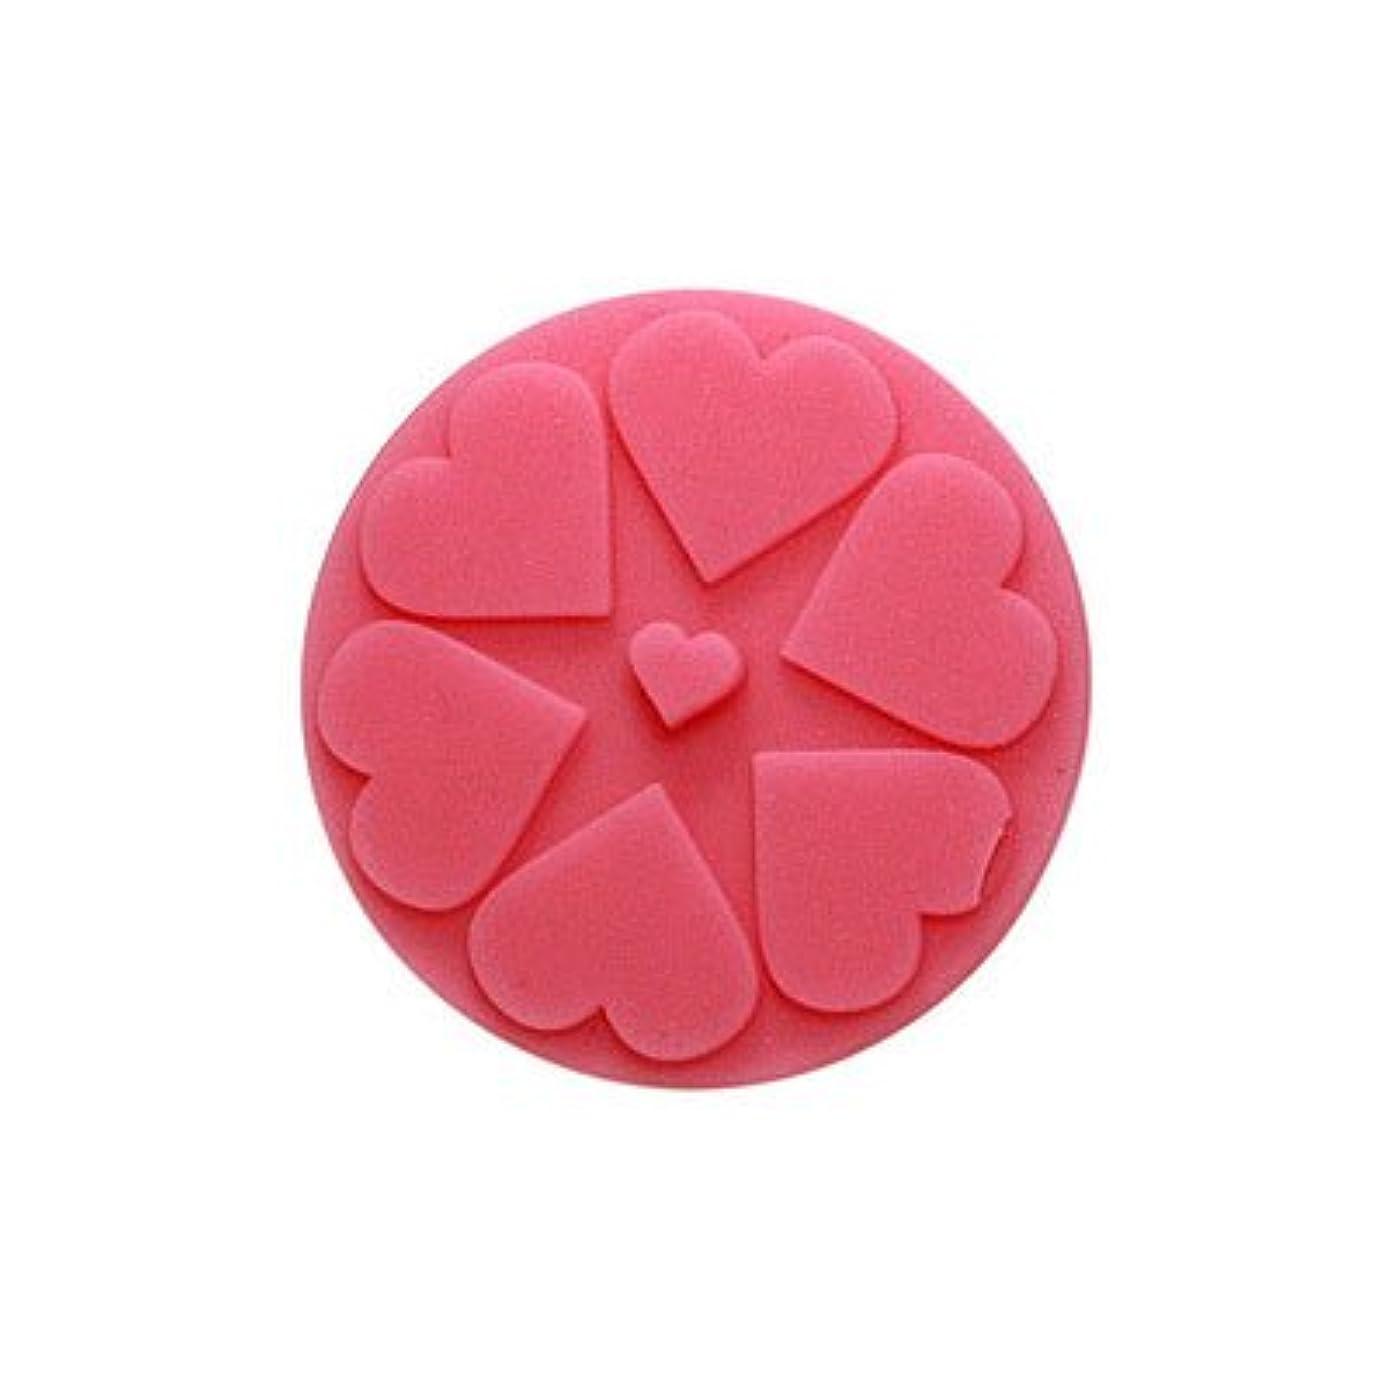 チャップいつ皮肉なフォーダイヤモンズ シリコン ステアライザー パッド ピンク